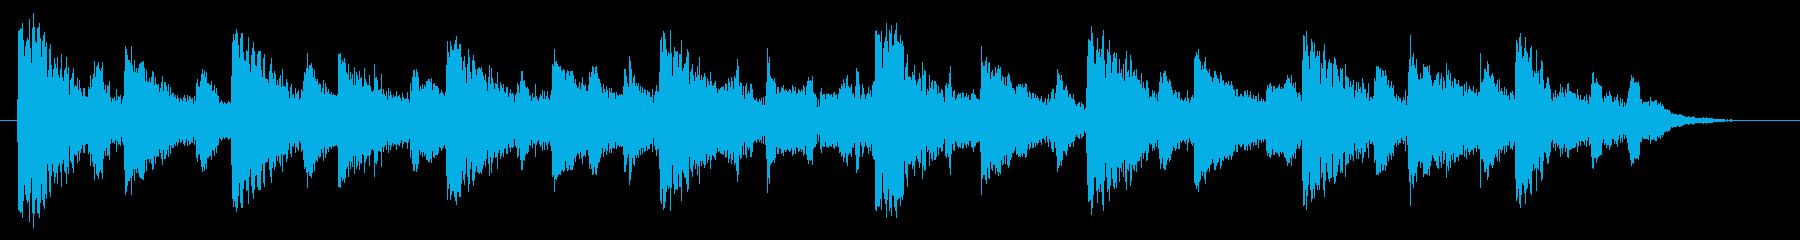 和風ワルツの15秒CM用楽曲:桜の舞の再生済みの波形